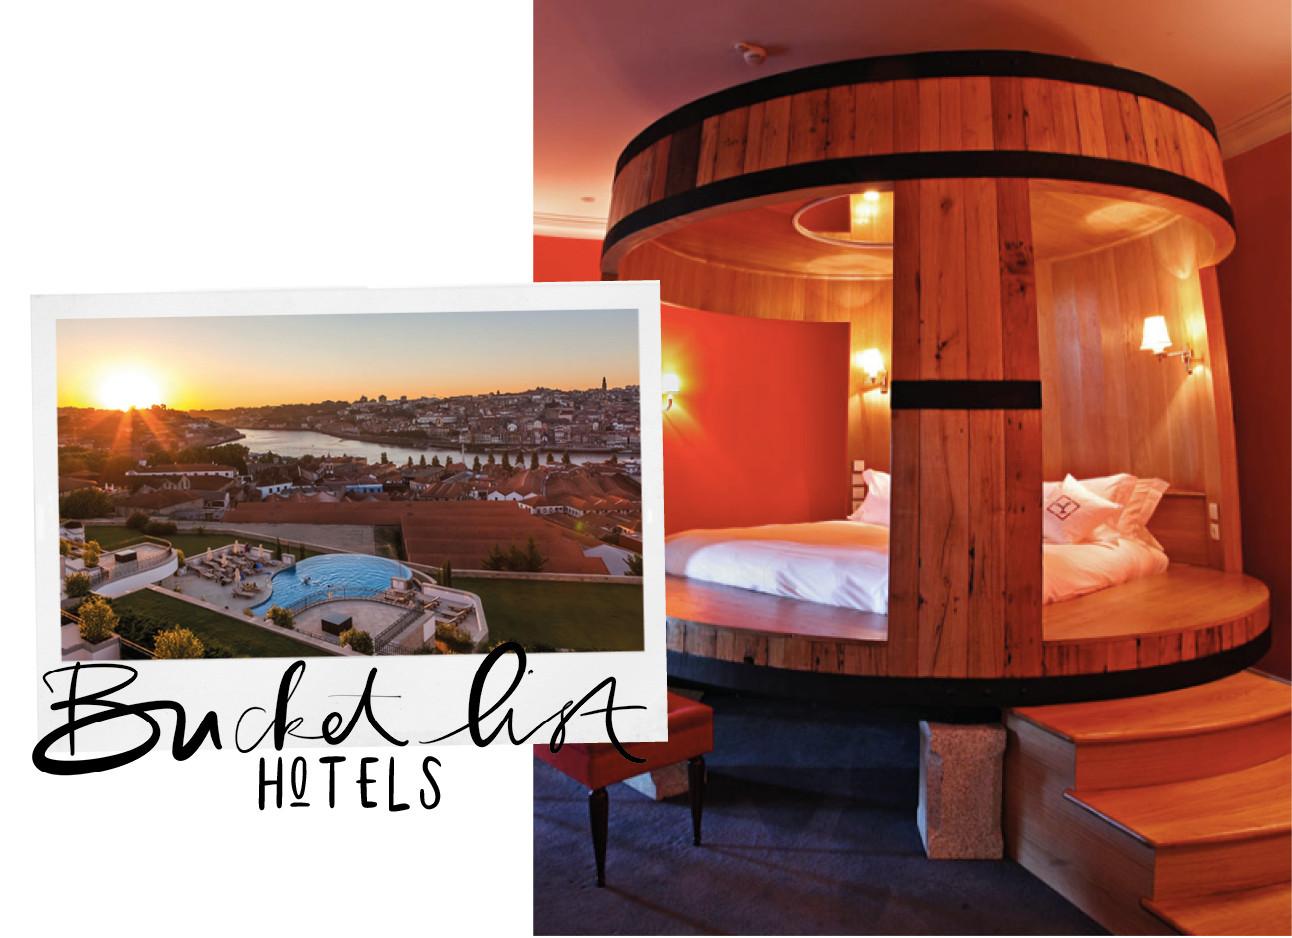 beeld van en hotel met een bed in de vorm van een wijnvat